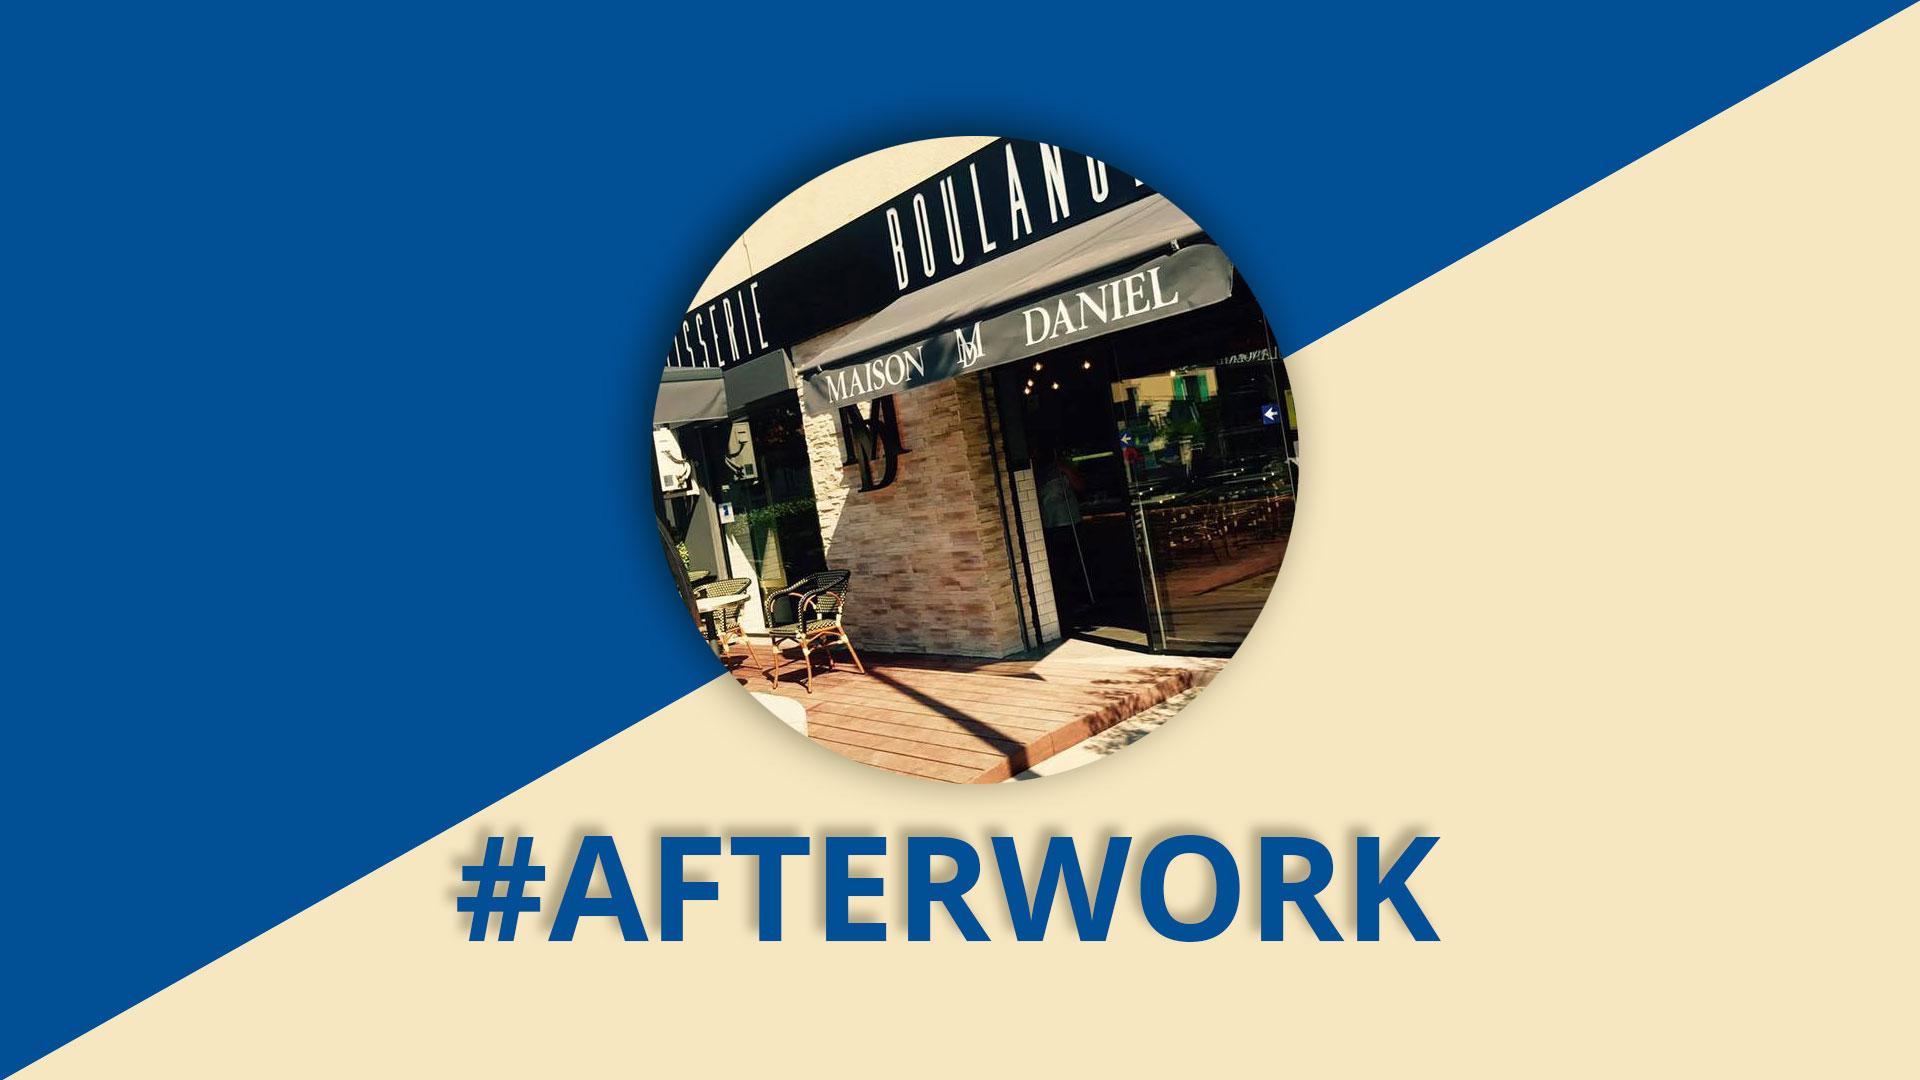 La Maison Daniel vous ouvre ses portes lors d'un Afterwork organisé par la CPME 13.